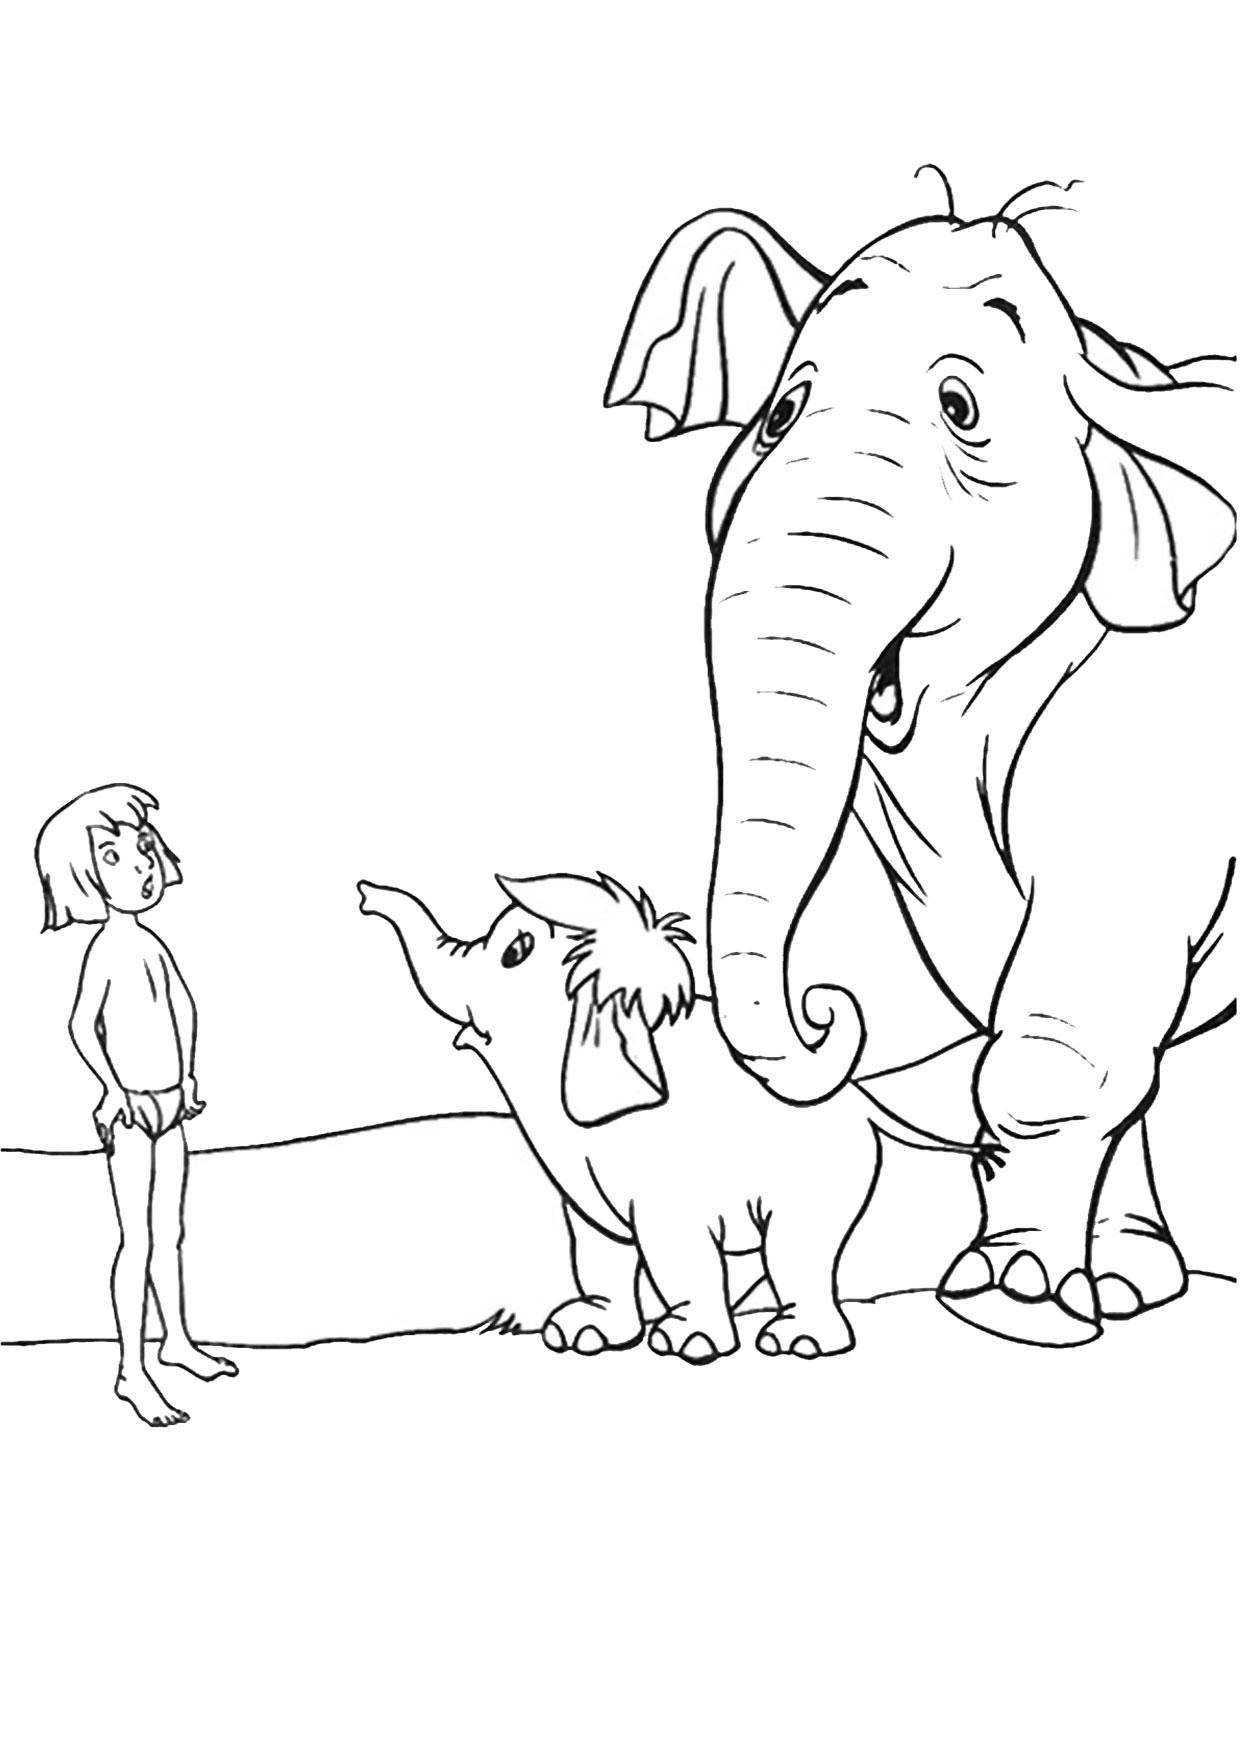 Disegno di Elefante Cartoon da colorare 15